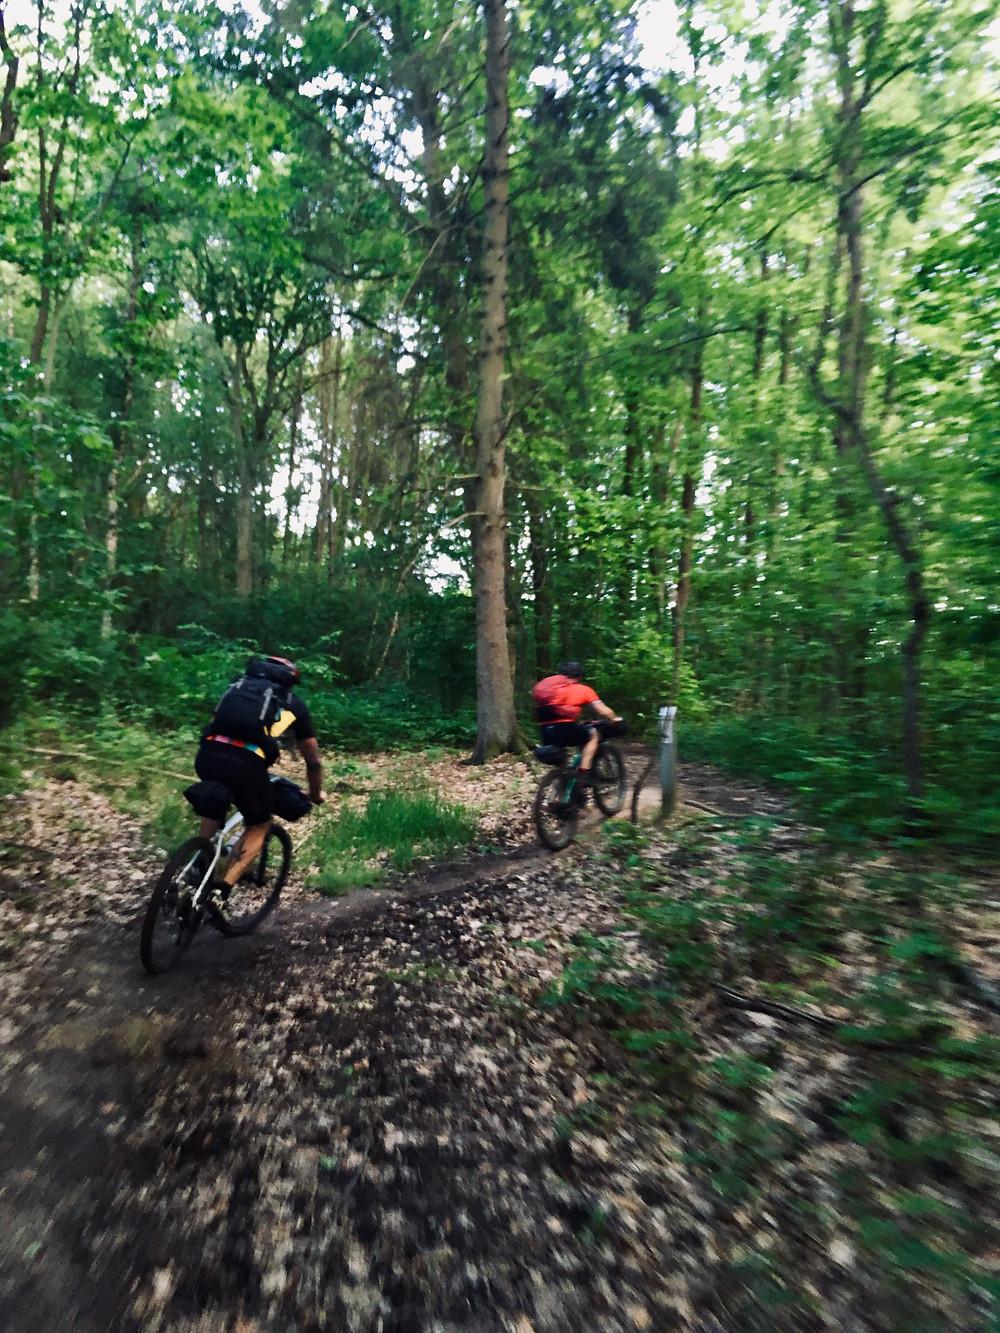 Bikepacking naar Linter mountainbikes rijden op een singletrack in een bos in Vlaams-Brabant